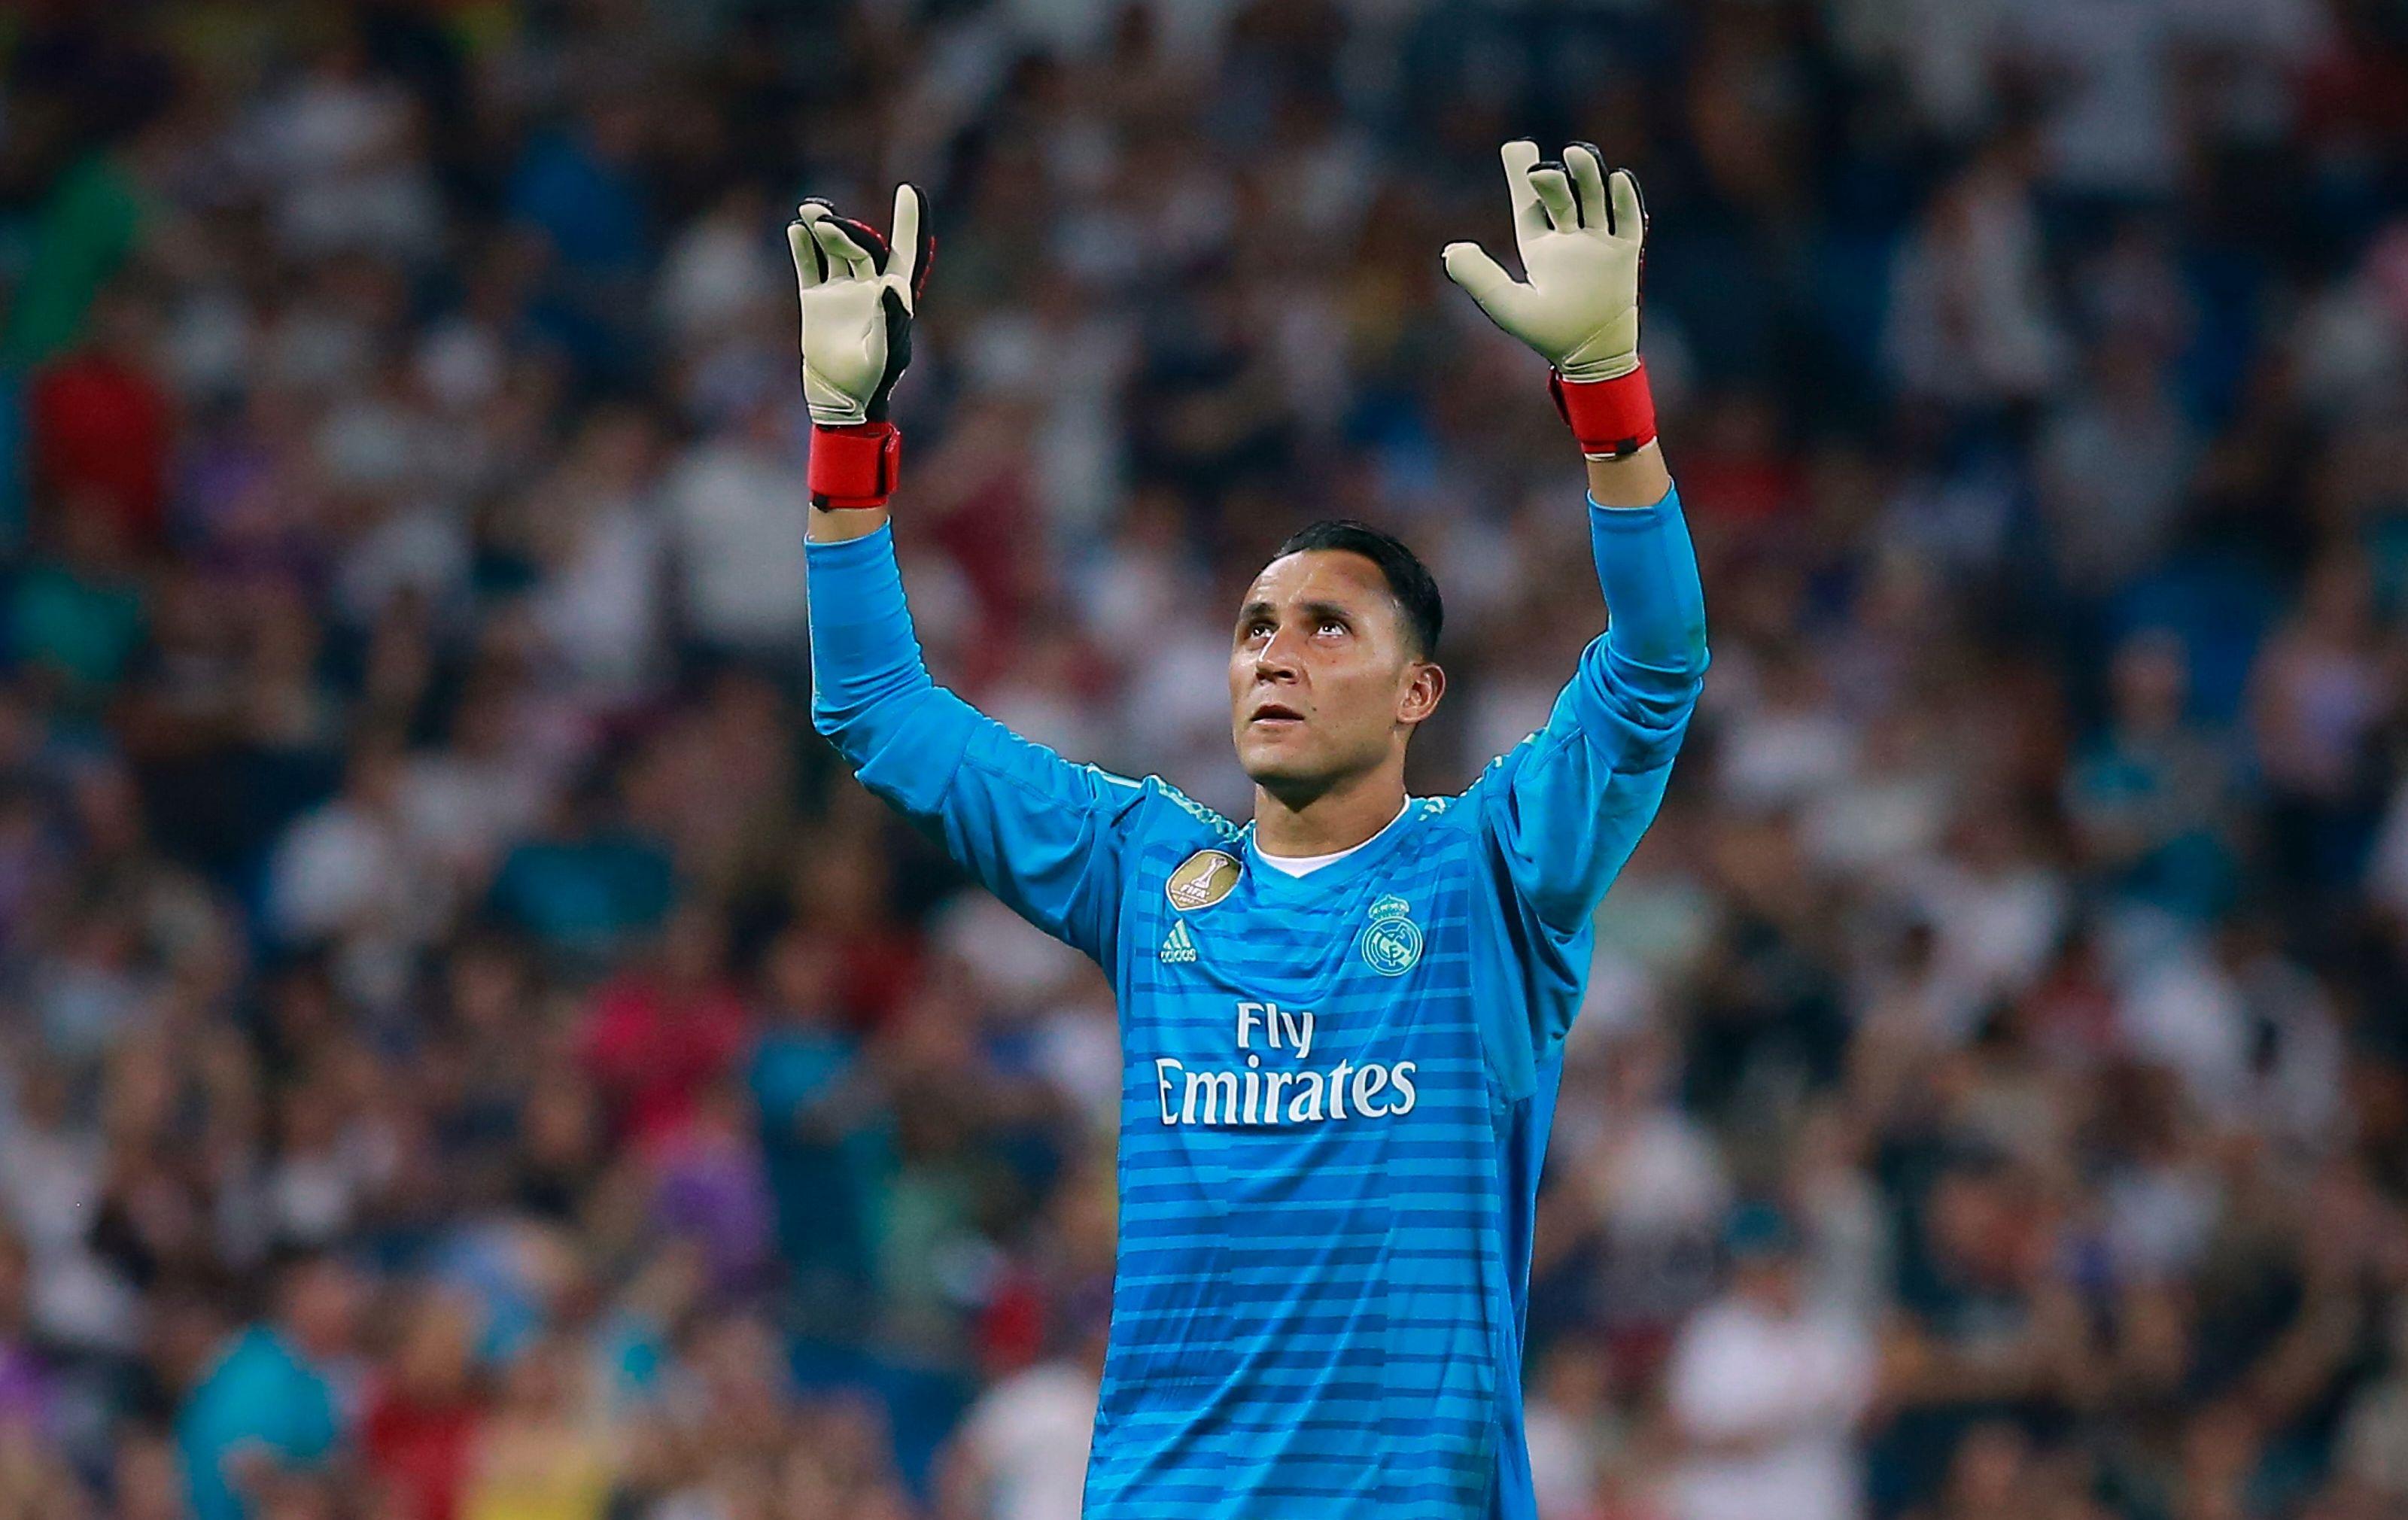 Вратарят на Реал Мадрид Кейлор Навас обмисля дали да напусне